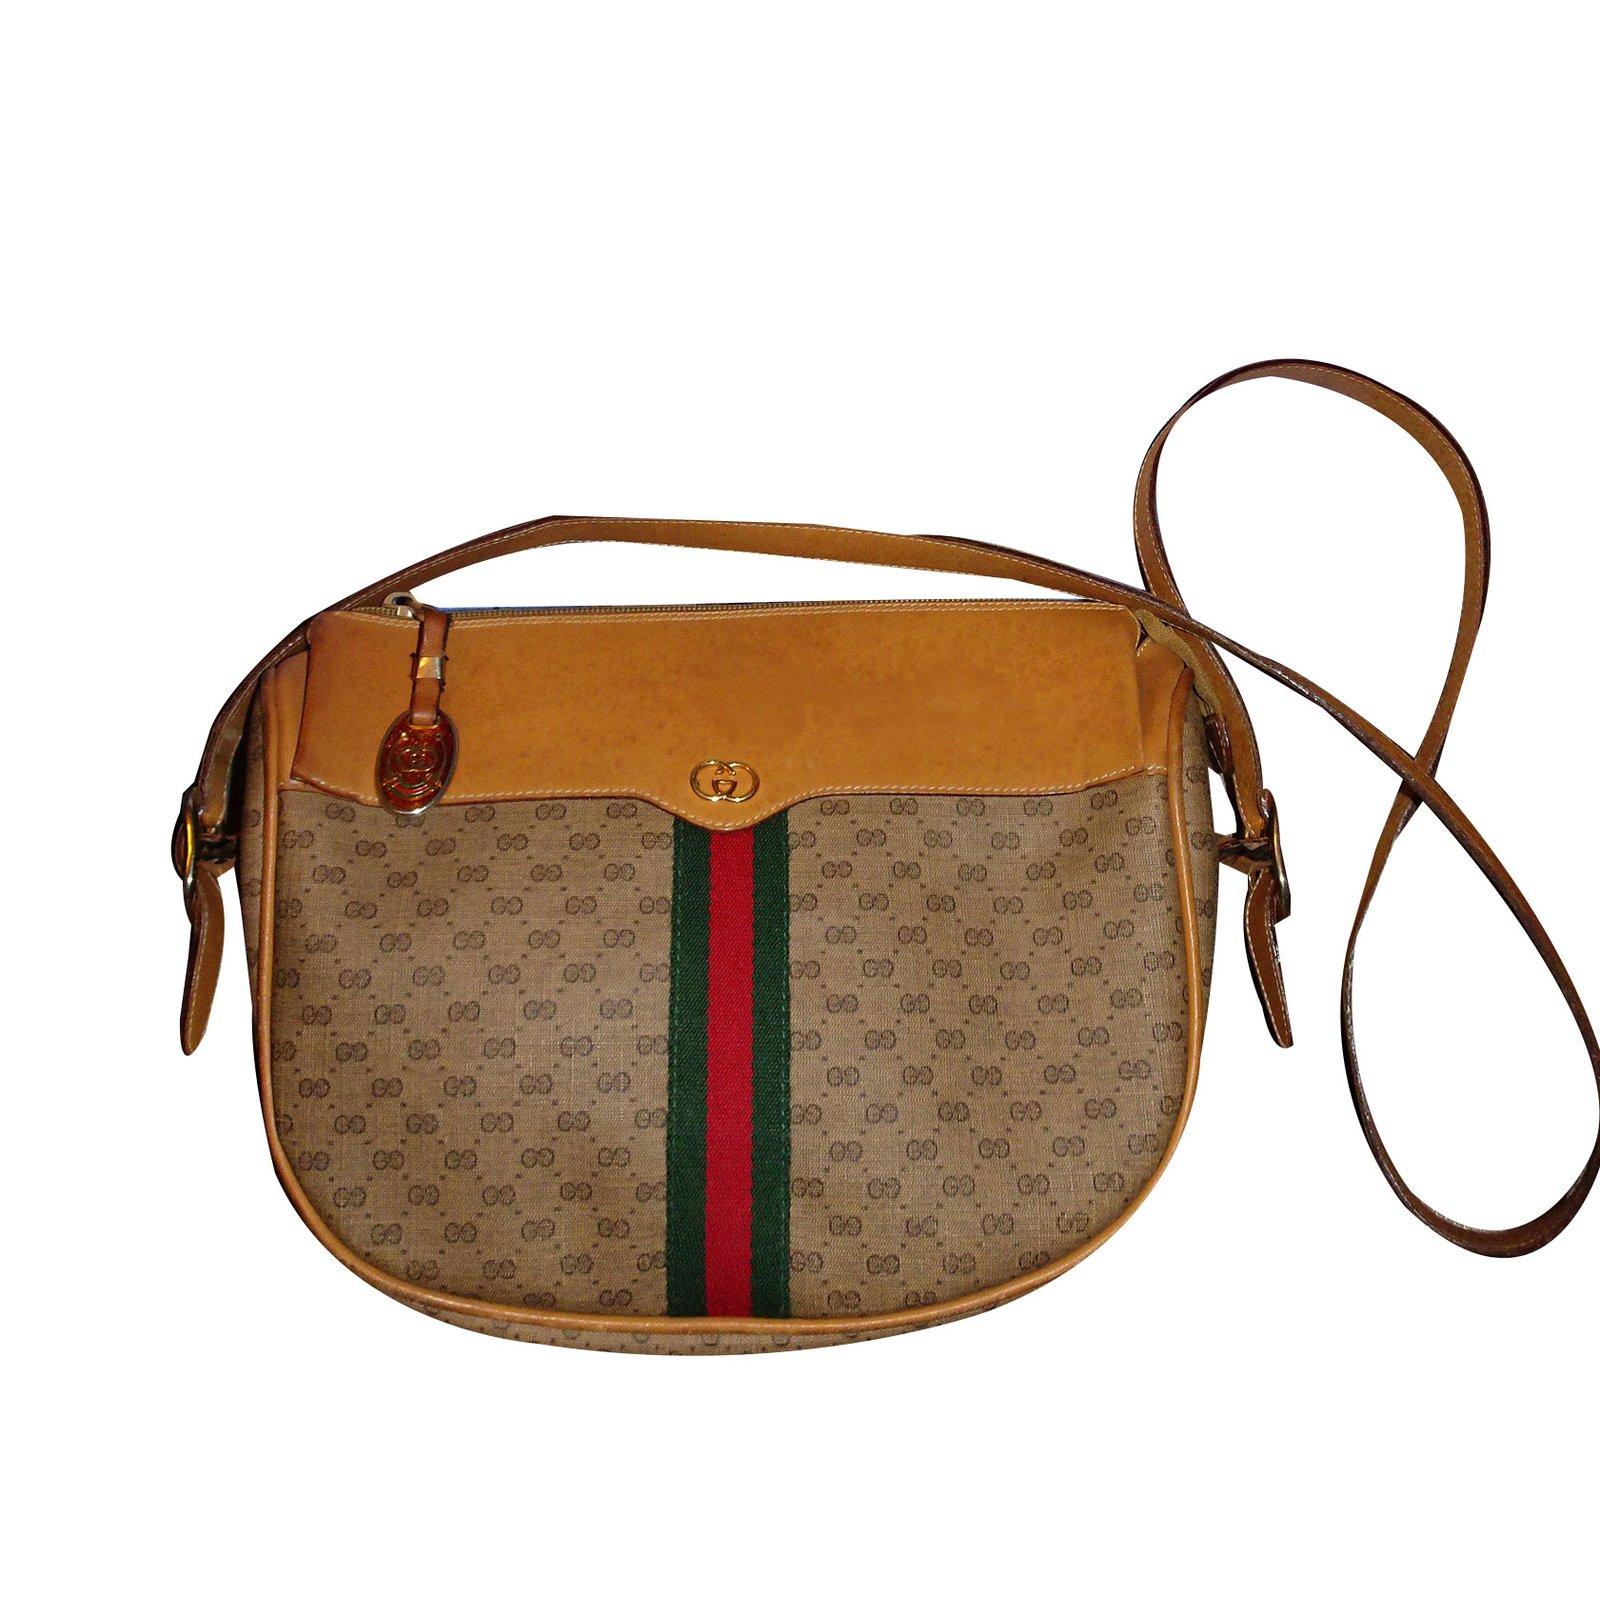 4193fcddd16528 Gucci Shoulder crossbody bag Handbags Leather Brown,Beige ref.43327 ...